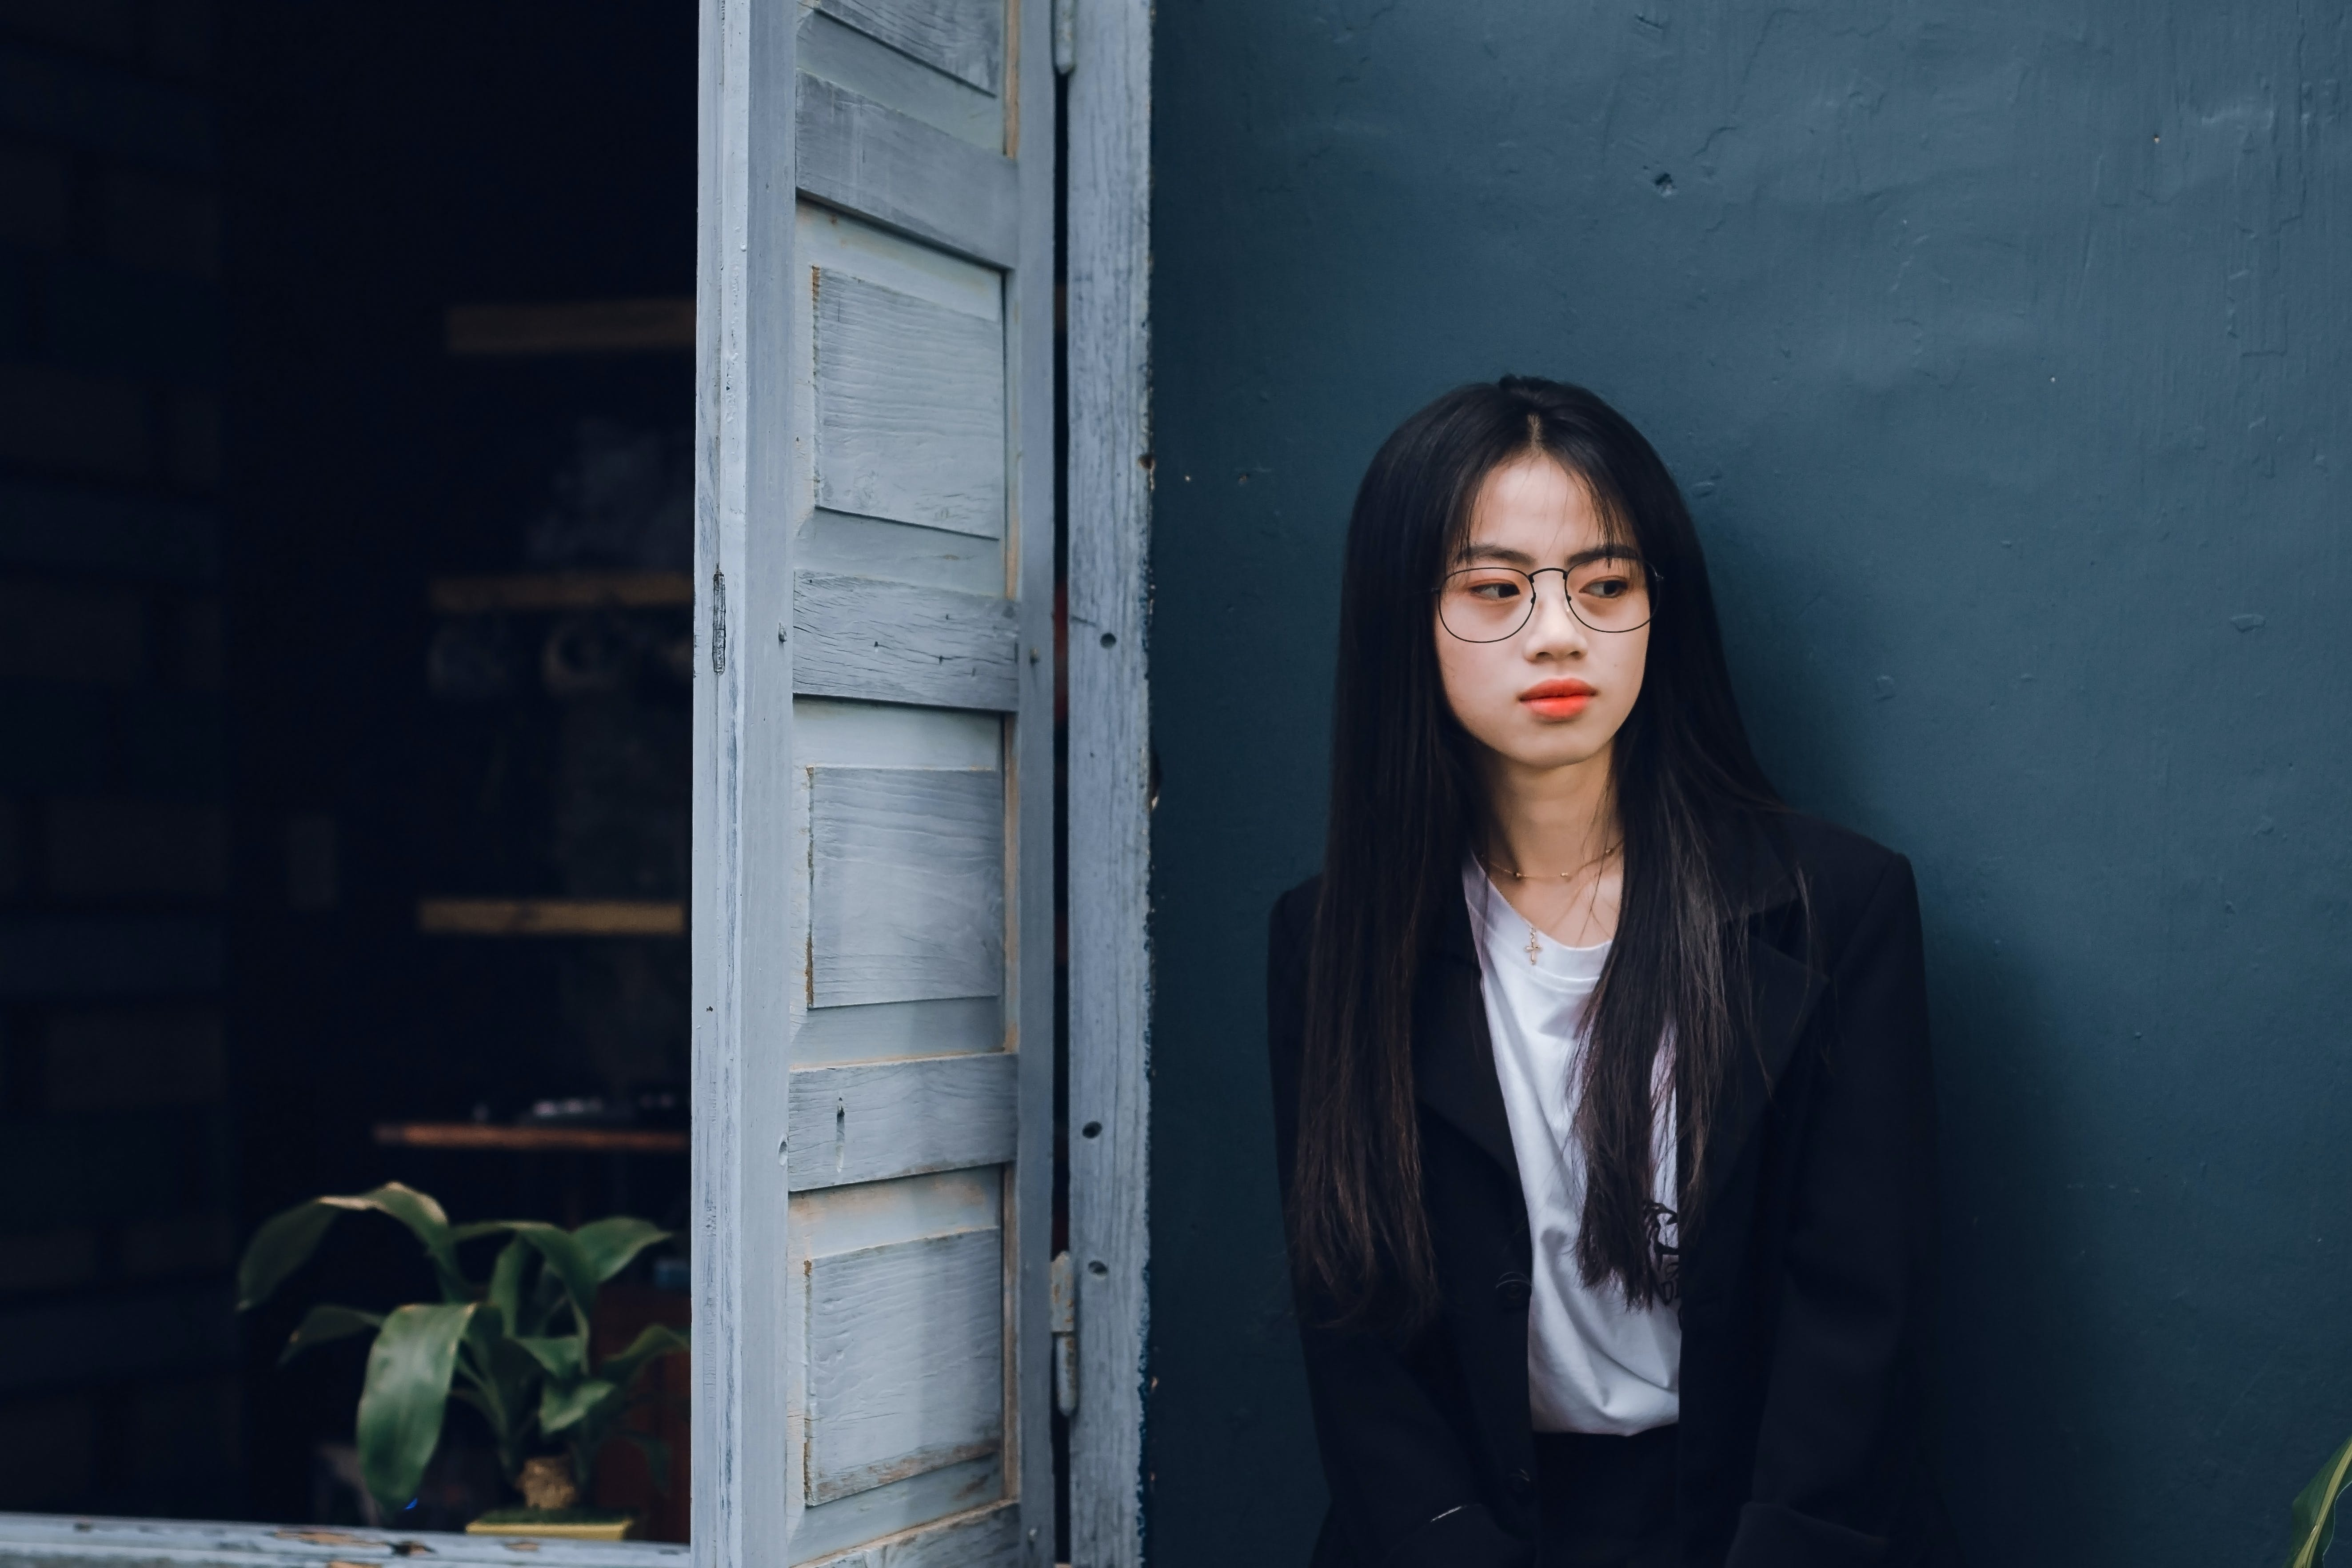 Woman Wearing Black Suit Near Brown Wooden Door